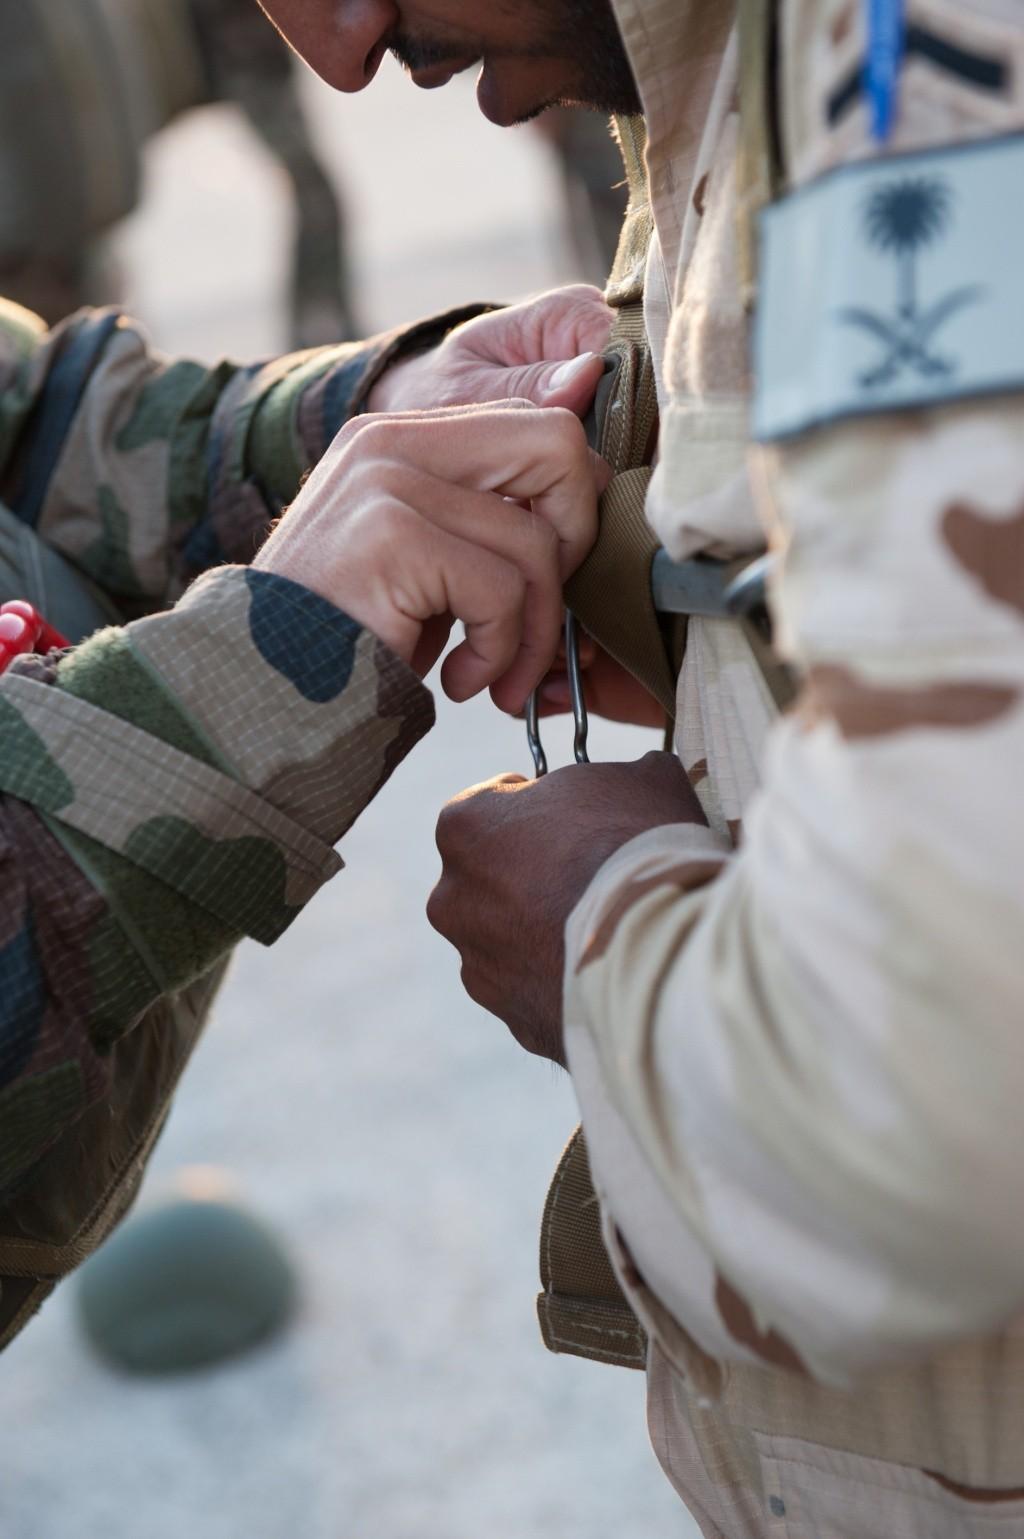 الموسوعه الفوغترافيه لصور القوات البريه الملكيه السعوديه (rslf) 2012em10